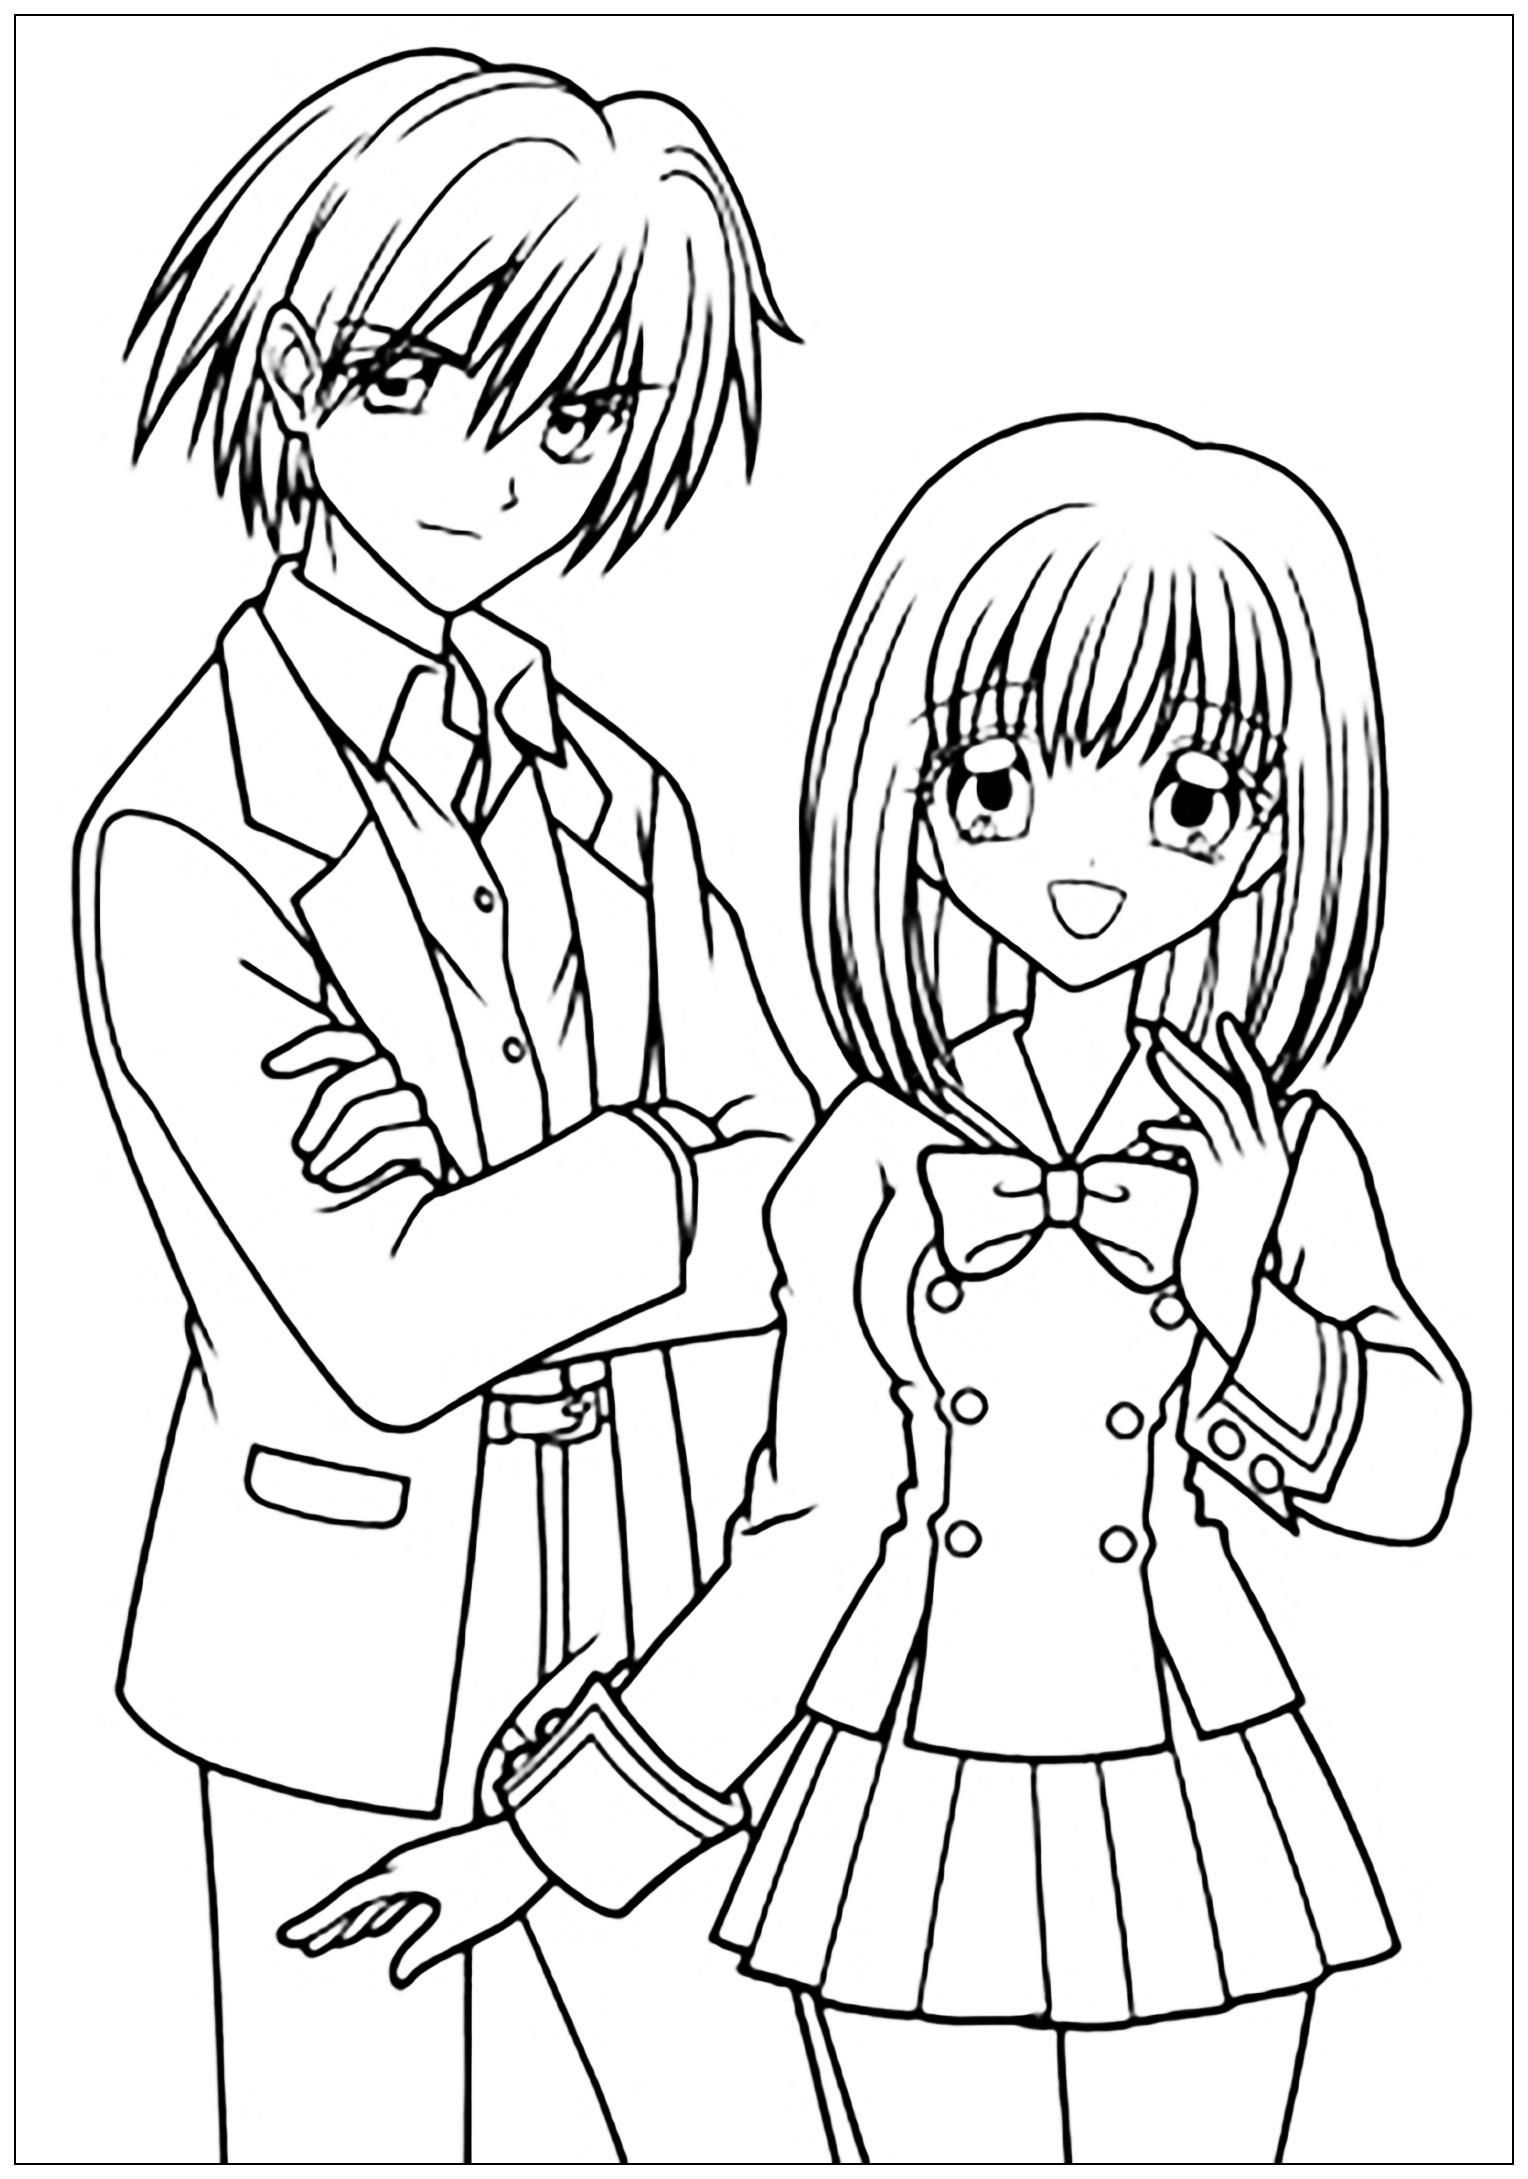 Garcon Et Fille Manga Tenue Scolaire - Mangas / Animés à Manga Dessin A Imprimer